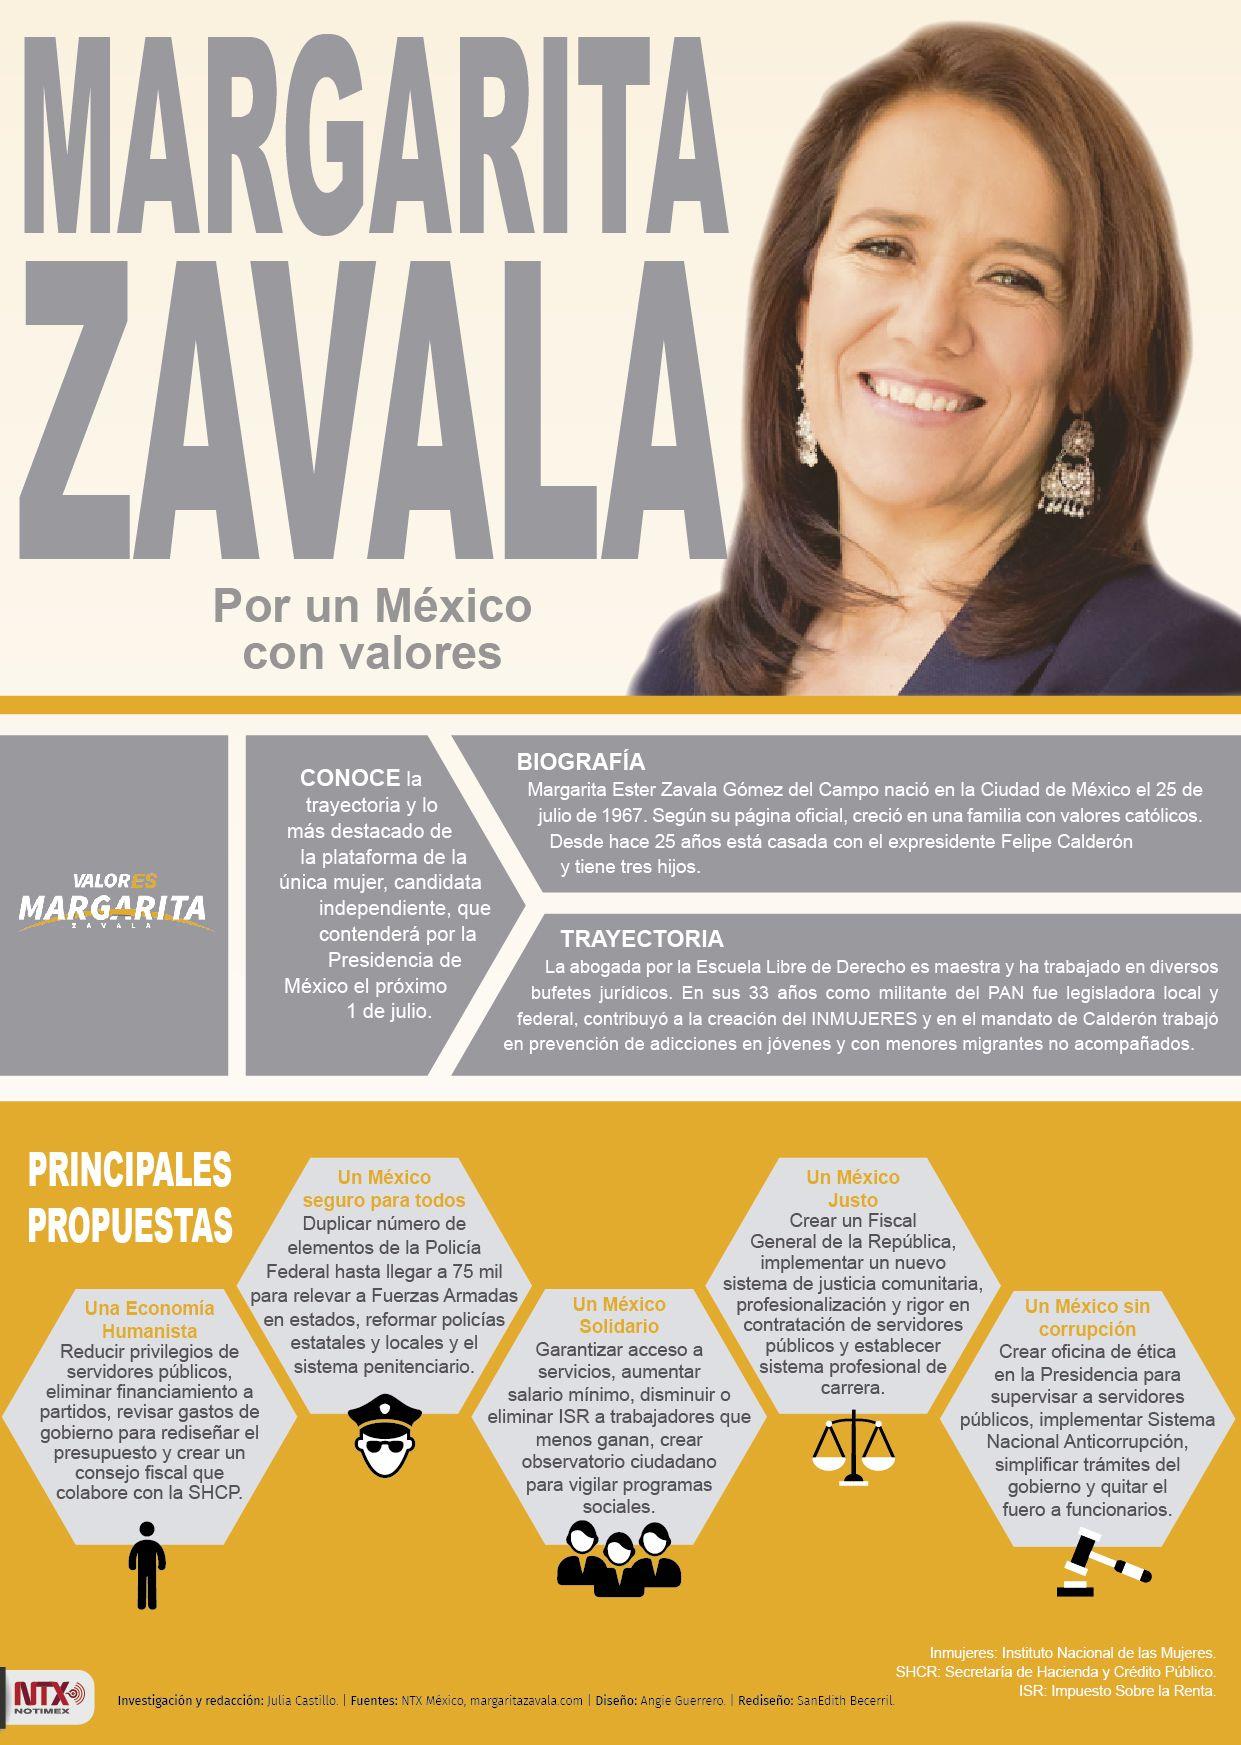 Acercate A Las Propuestas Y Trayectoria De La Candidata A La Presidencia De Mexico Margarita Zavala Con La Semblanza Que Infografiantx Ha Preparado Par Stella